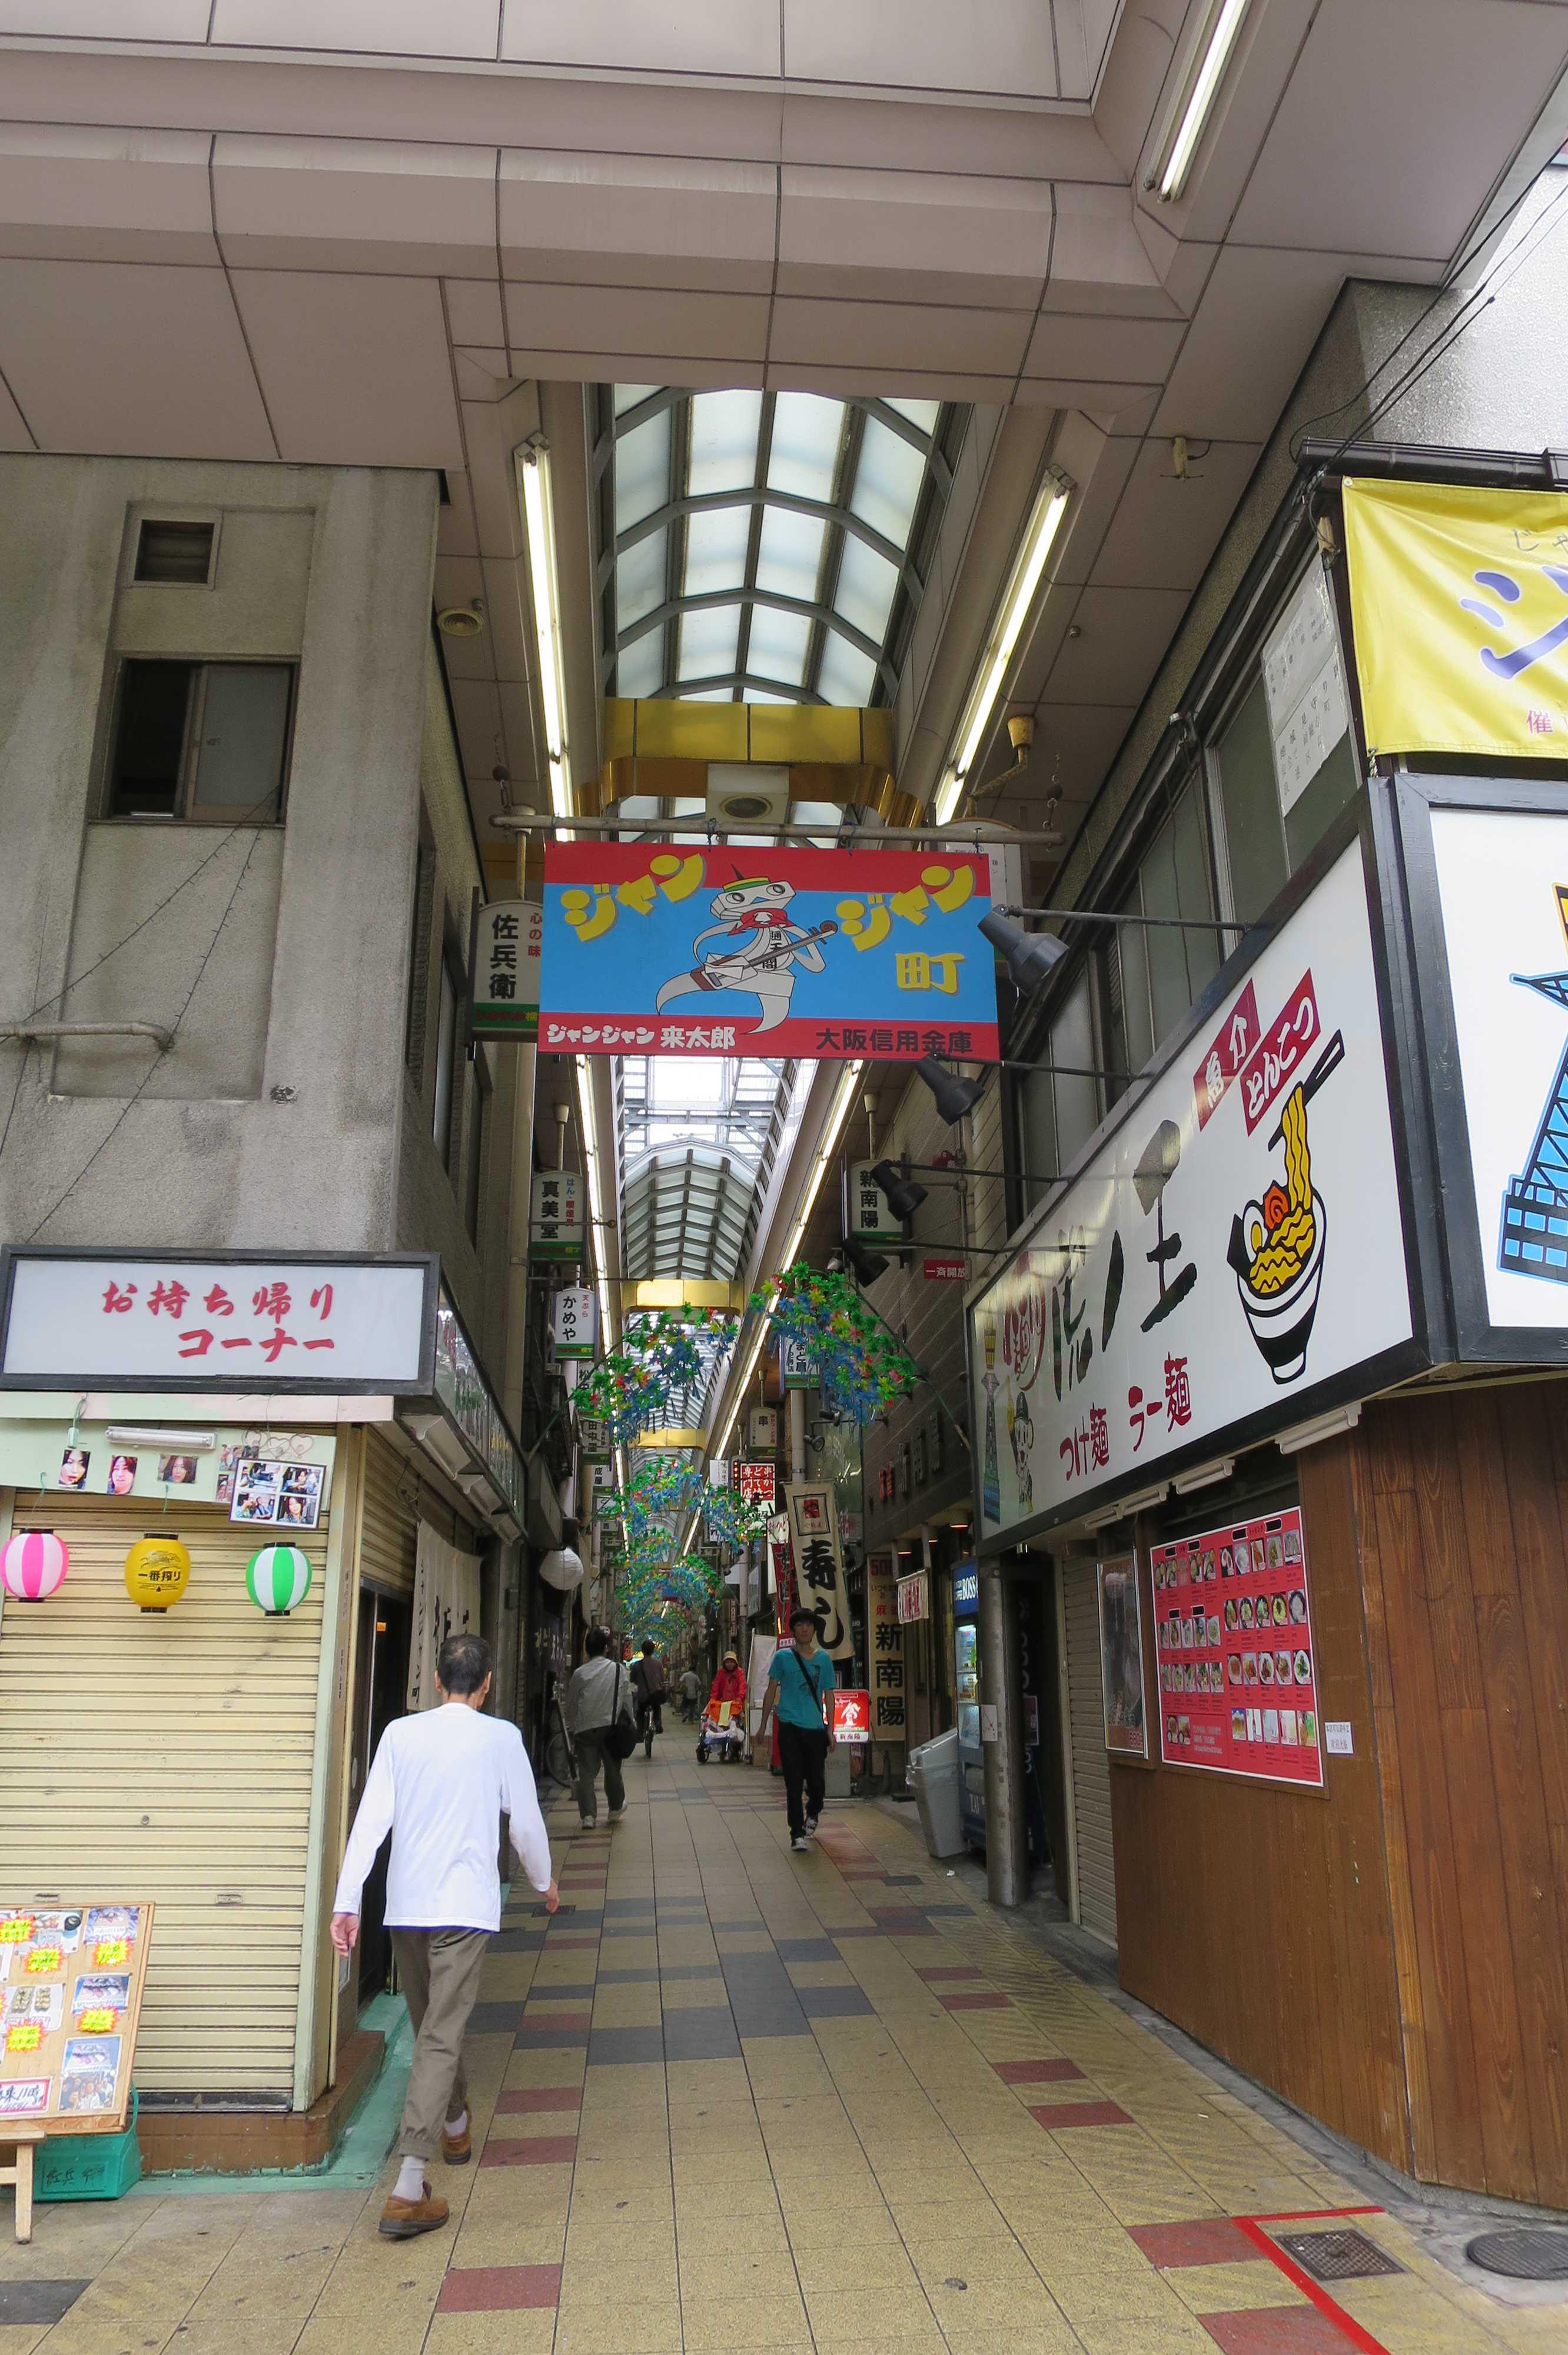 大阪ミナミのジャンジャン横丁(ジャンジャン町)入口